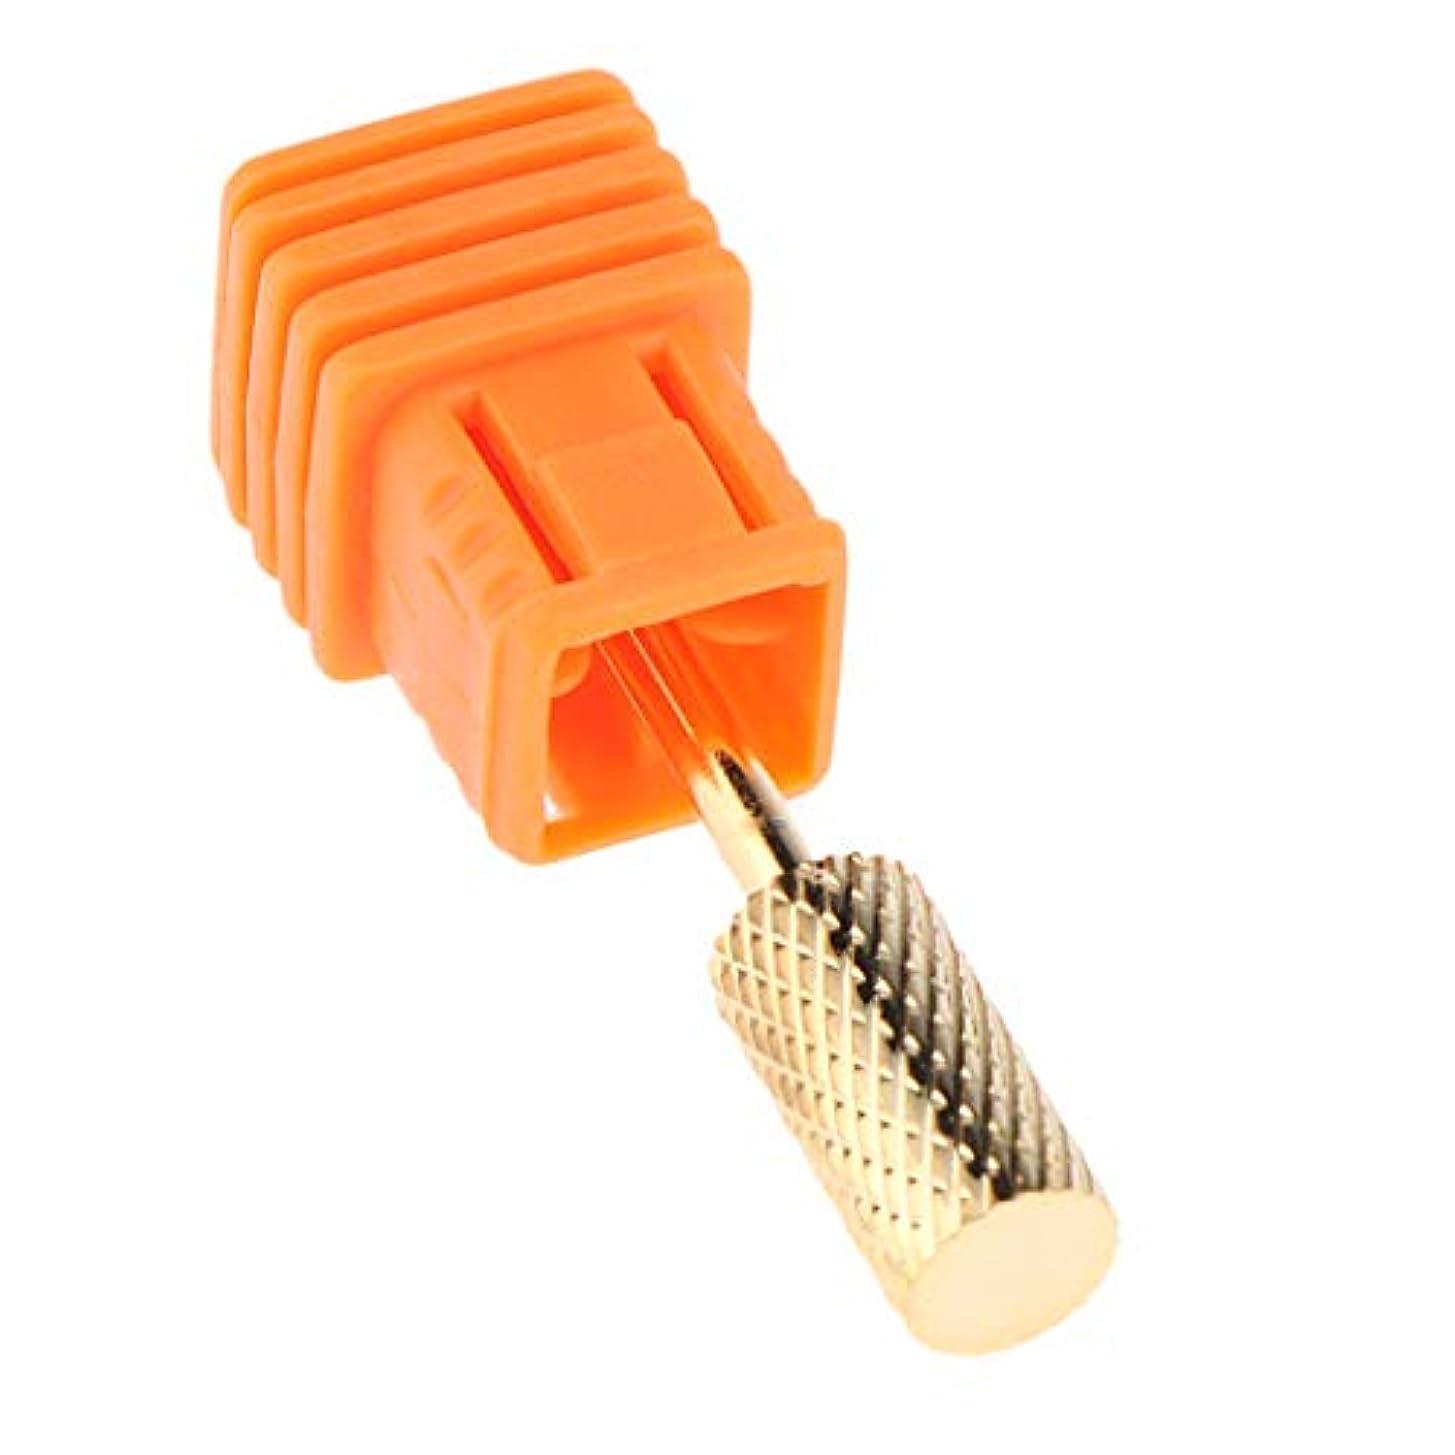 検出器回転させる印象的ネイルドリルビット ネイルビット ネイルチップ 耐久性 ネイル道具 6スタイル選べ - C